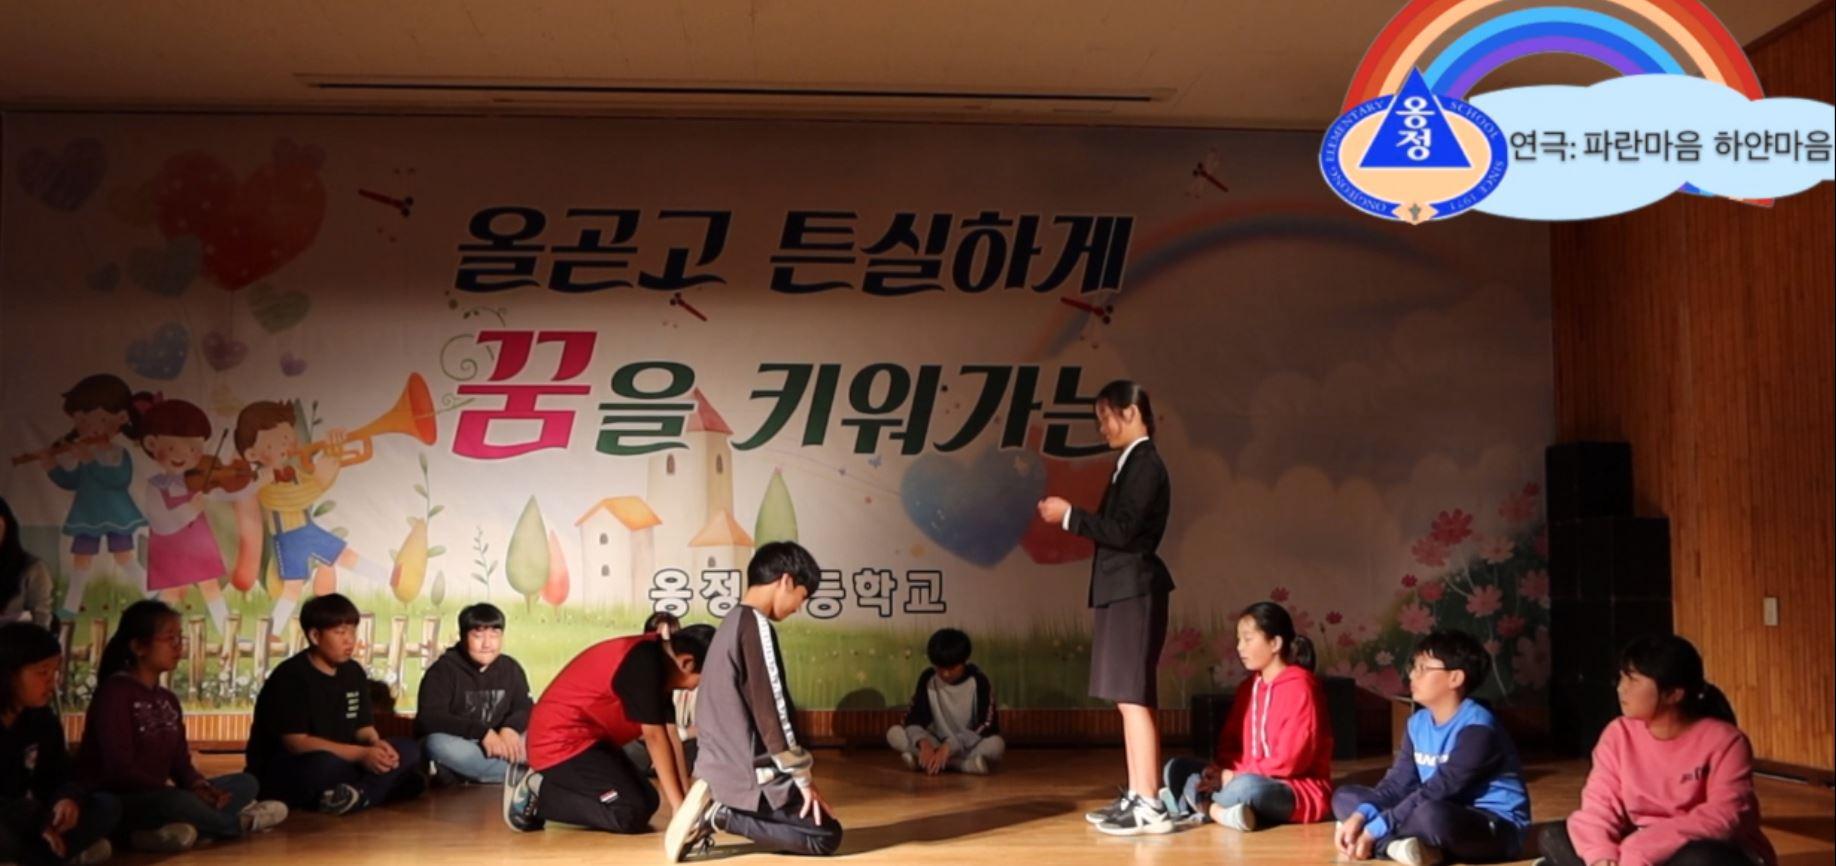 (11/22) 김포 옹정초 연극중심 문화예술교육으로 미래의 꿈과 끼를 키우다